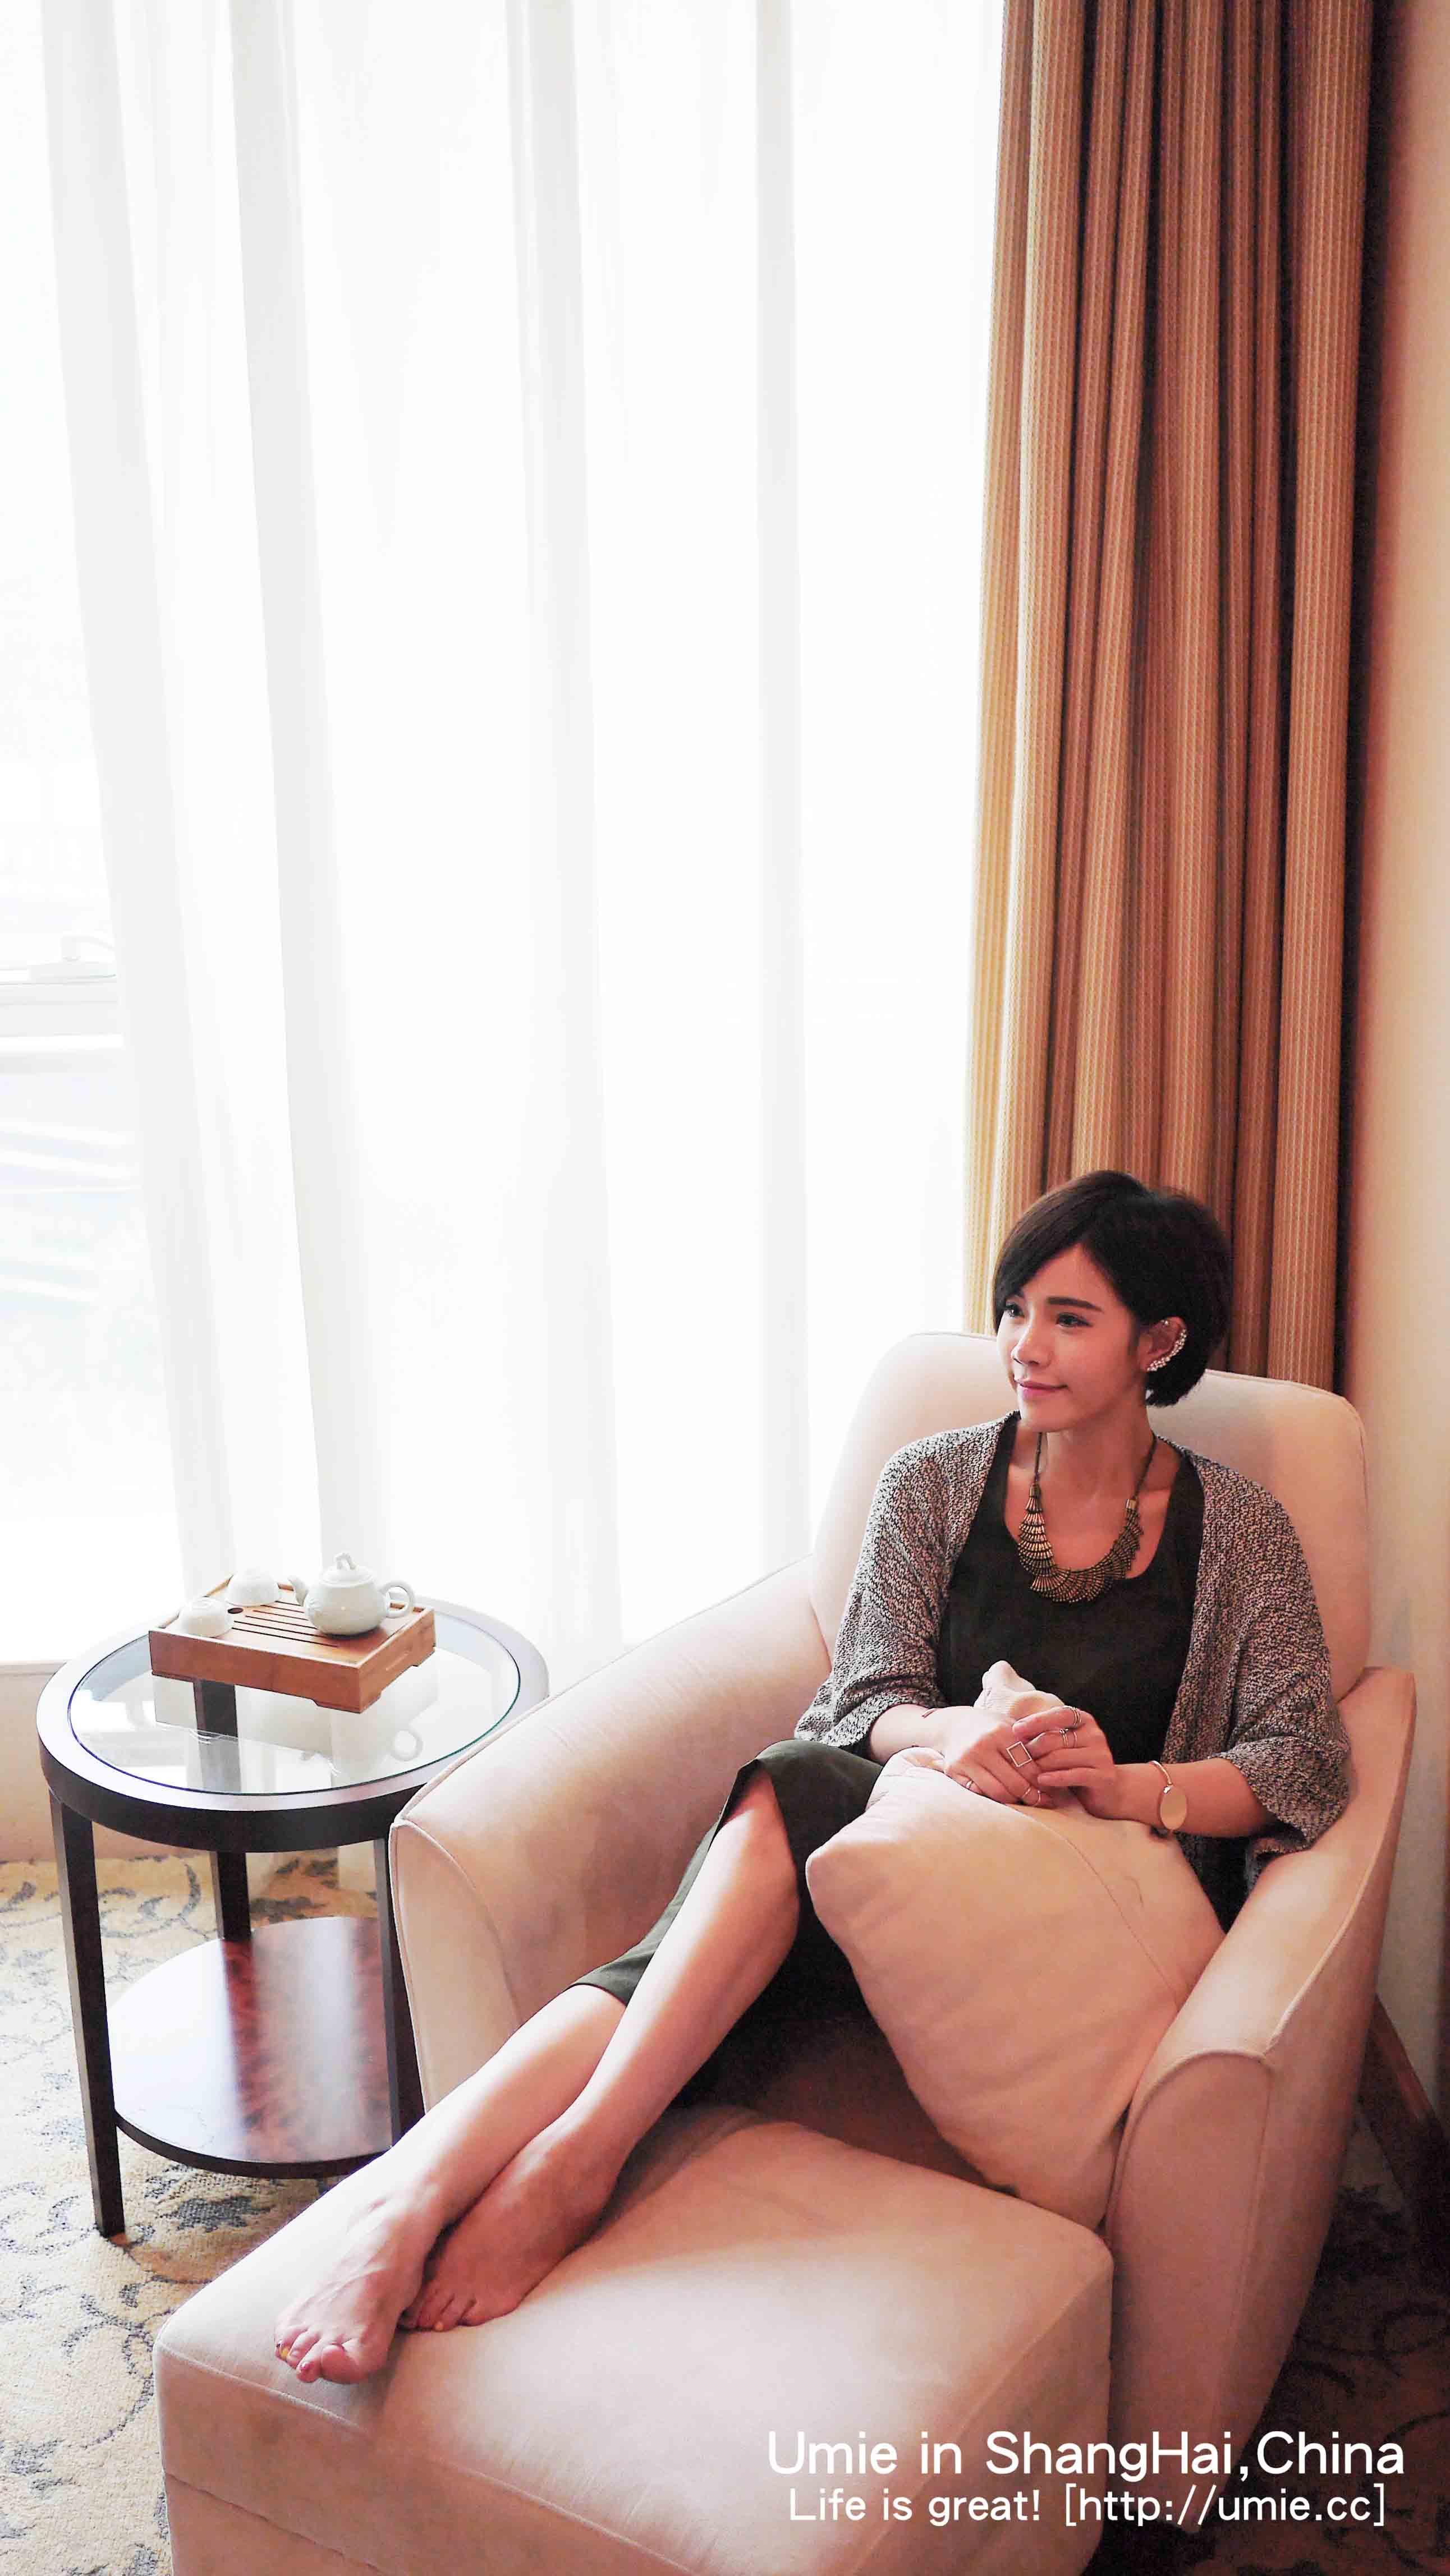 中國上海住宿推薦-便宜住宿 / 近市區 / 近購物商城-靜安區吉臣酒店(Ambassador Hotel)房間設施分享 :)